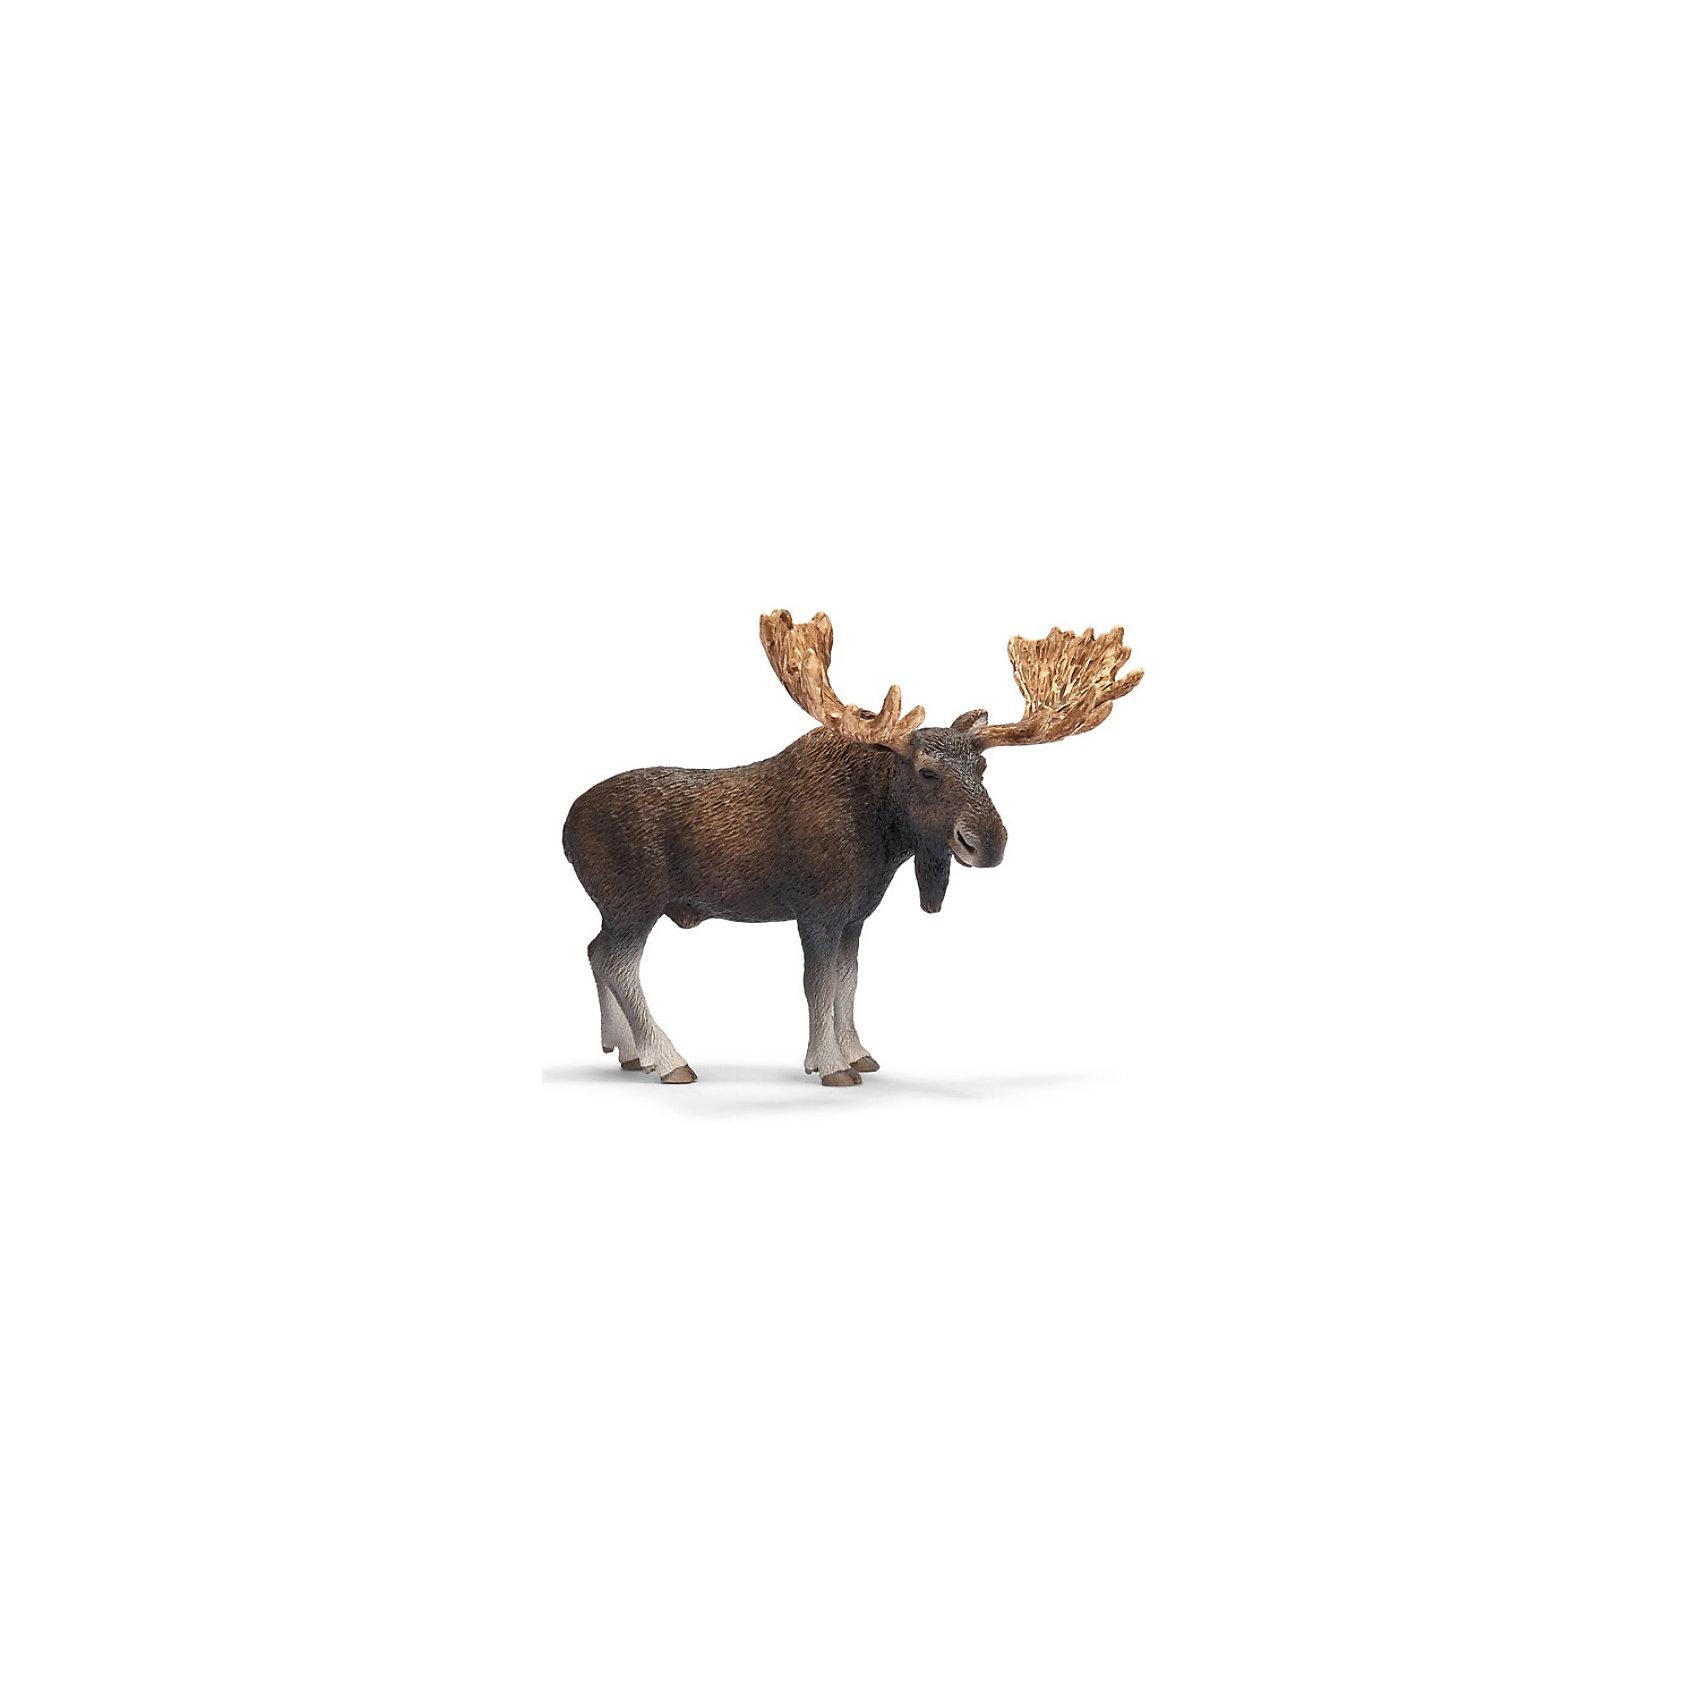 Schleich Schleich Лось, самец. Серия Дикие животные schleich schleich кенгуру серия дикие животные